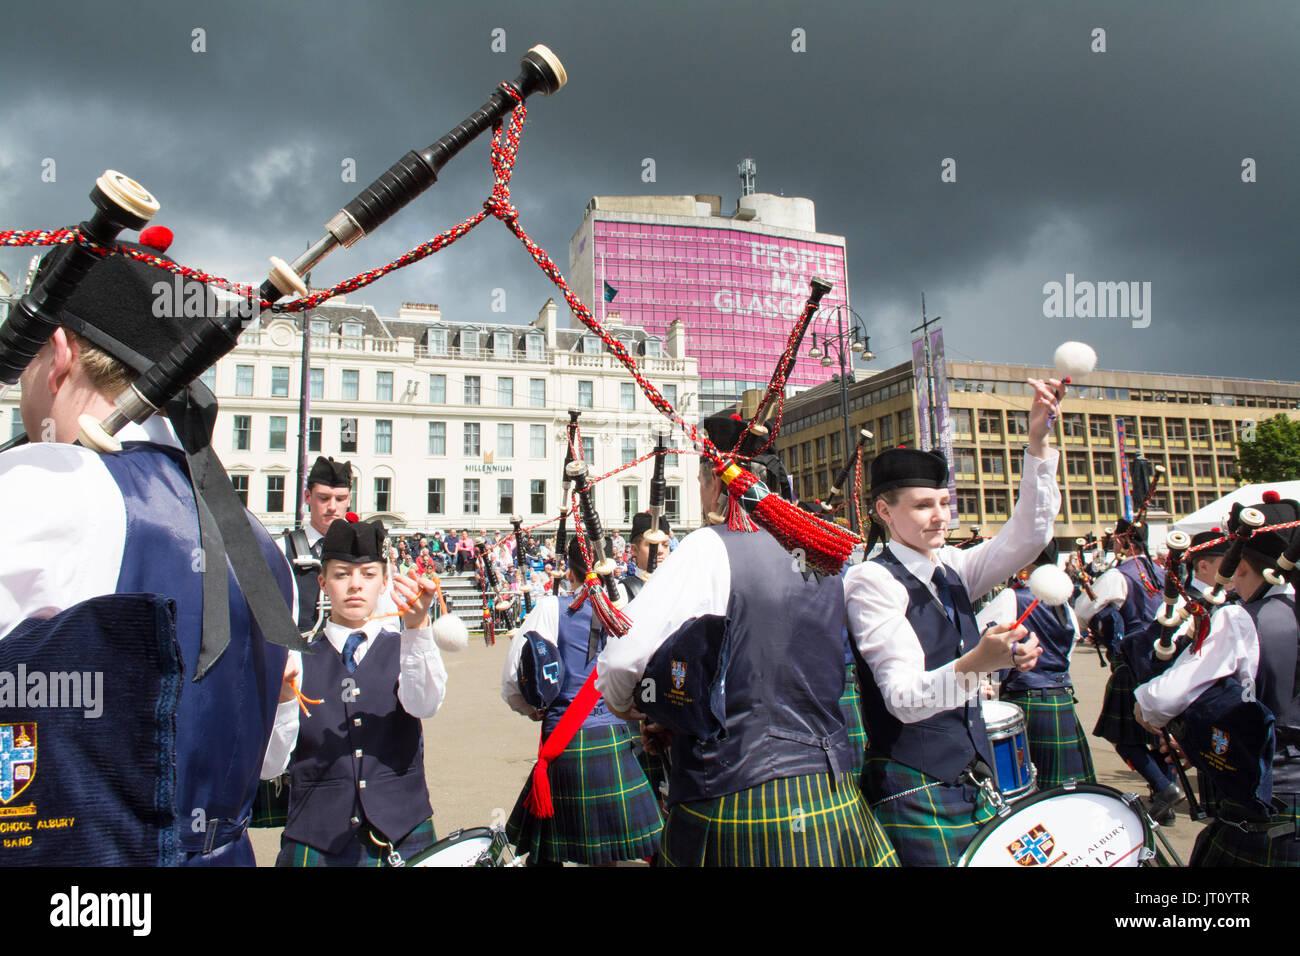 George Square, Glasgow, Scotland, Regno Unito. Il 7 agosto, 2017 Piping Live! - Il Glasgow International Festival Foto Stock